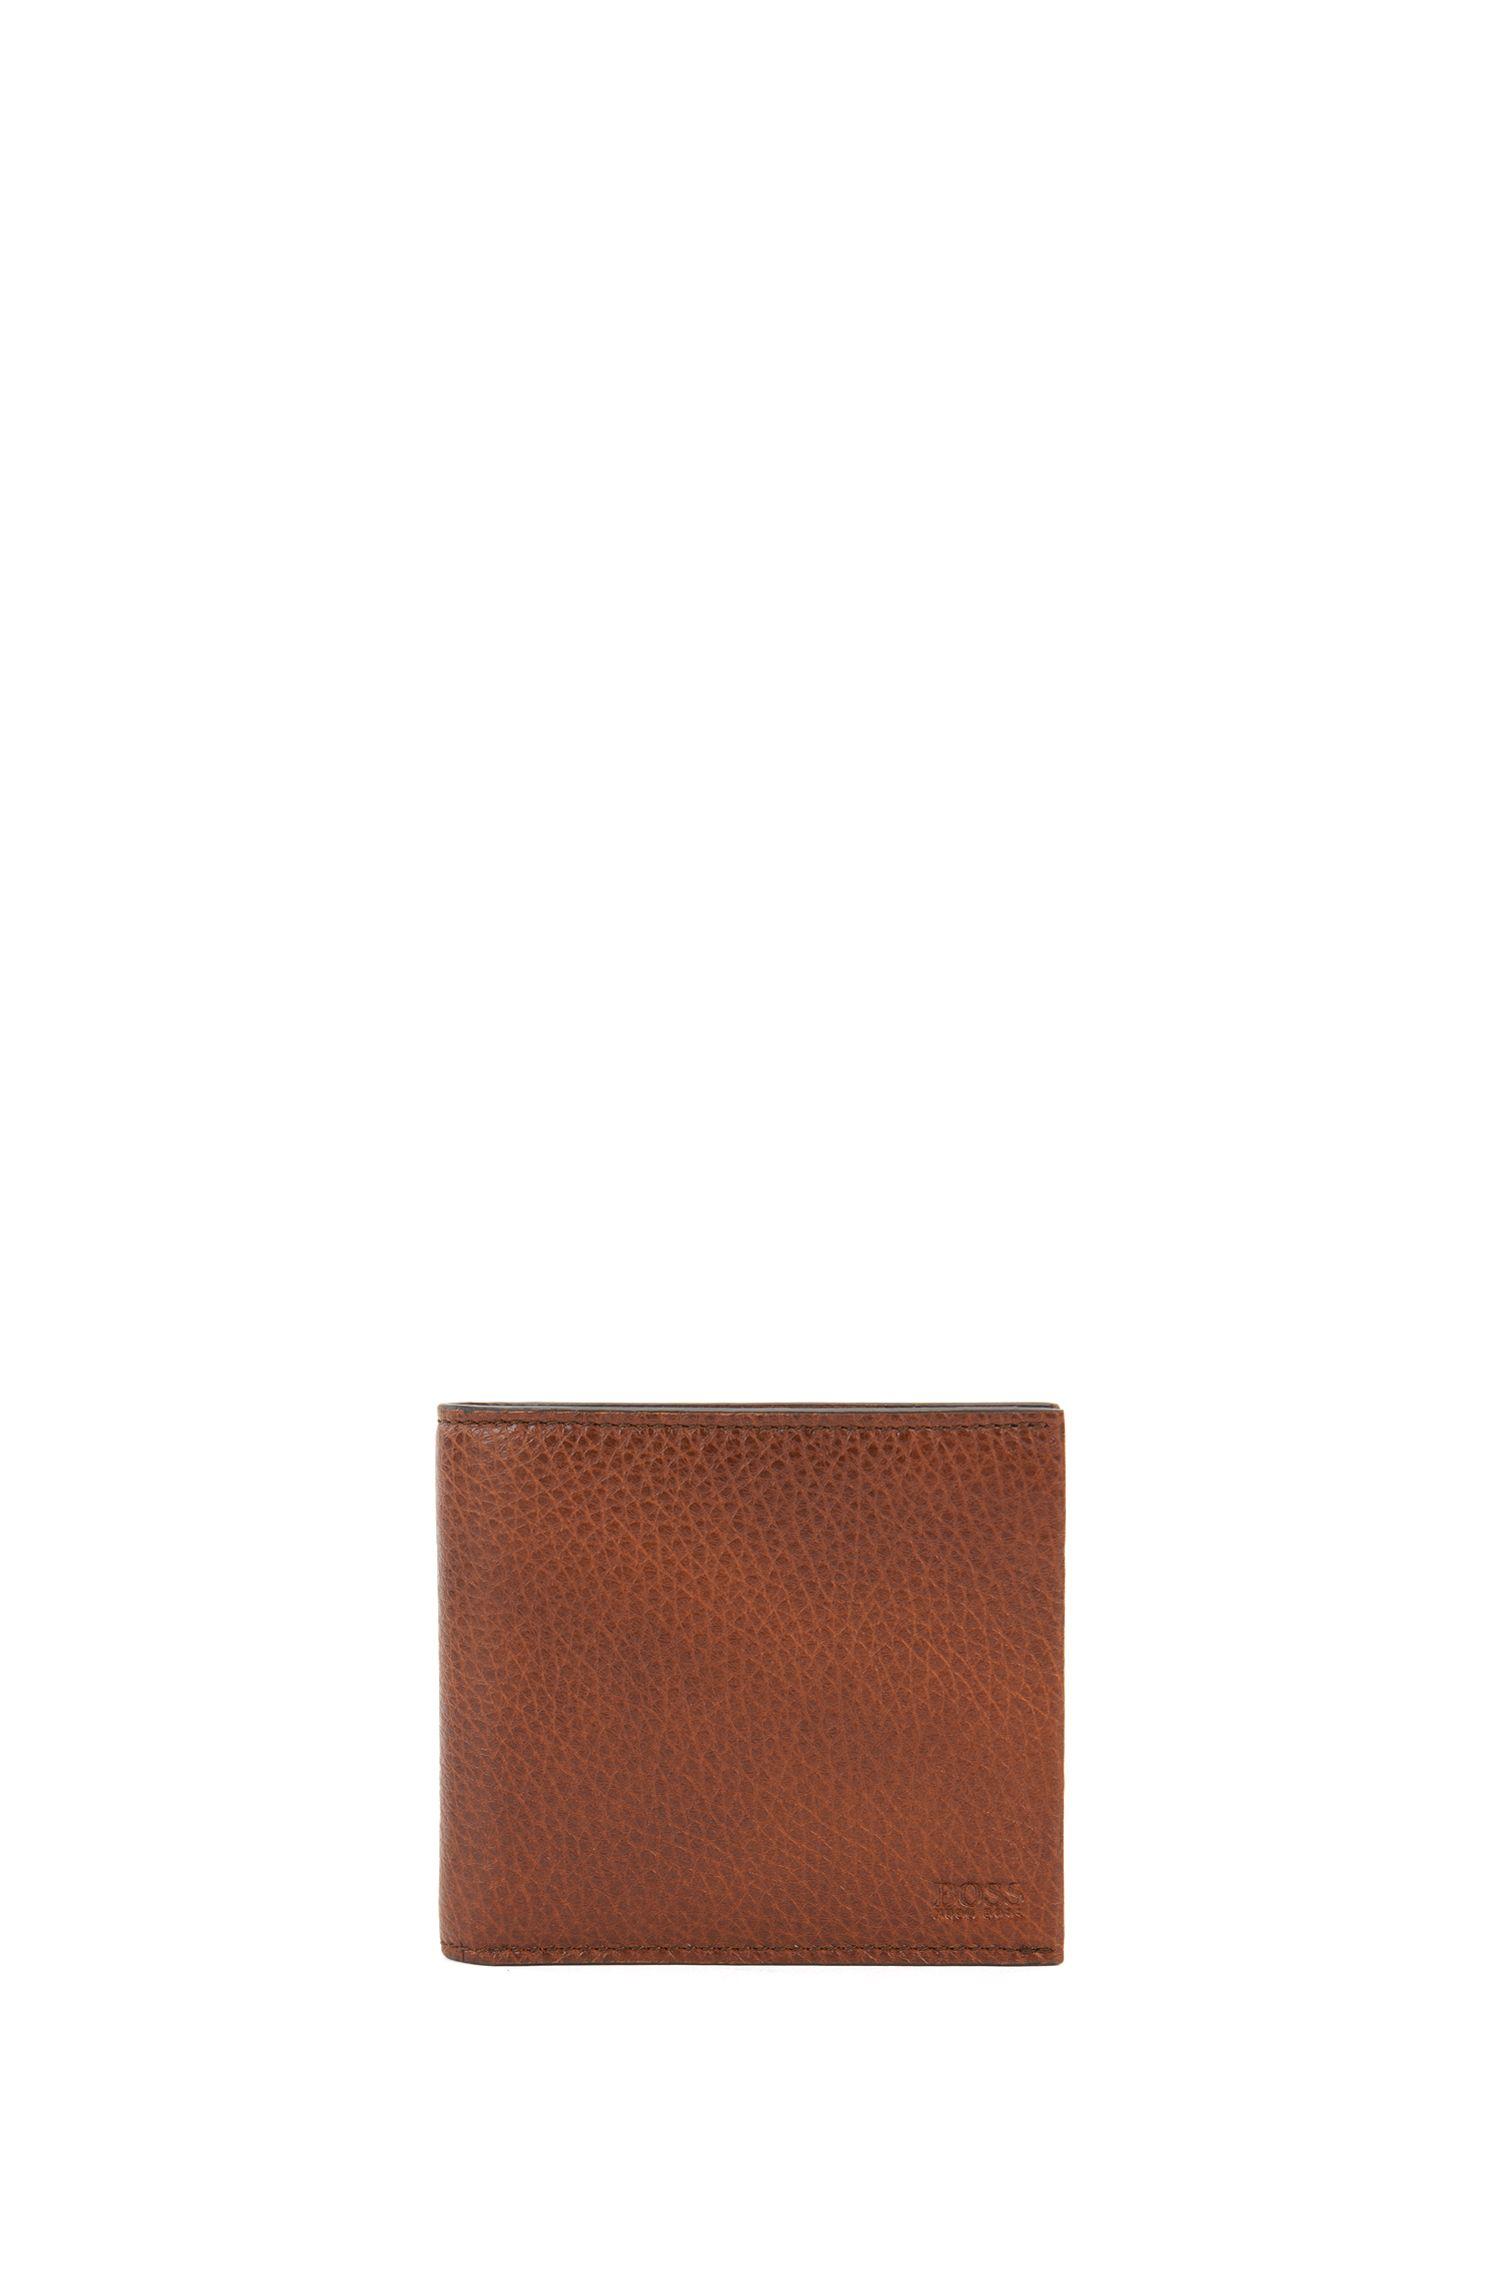 Klapp-Geldbörse aus genarbtem italienischem Leder mit acht Kartenfächern